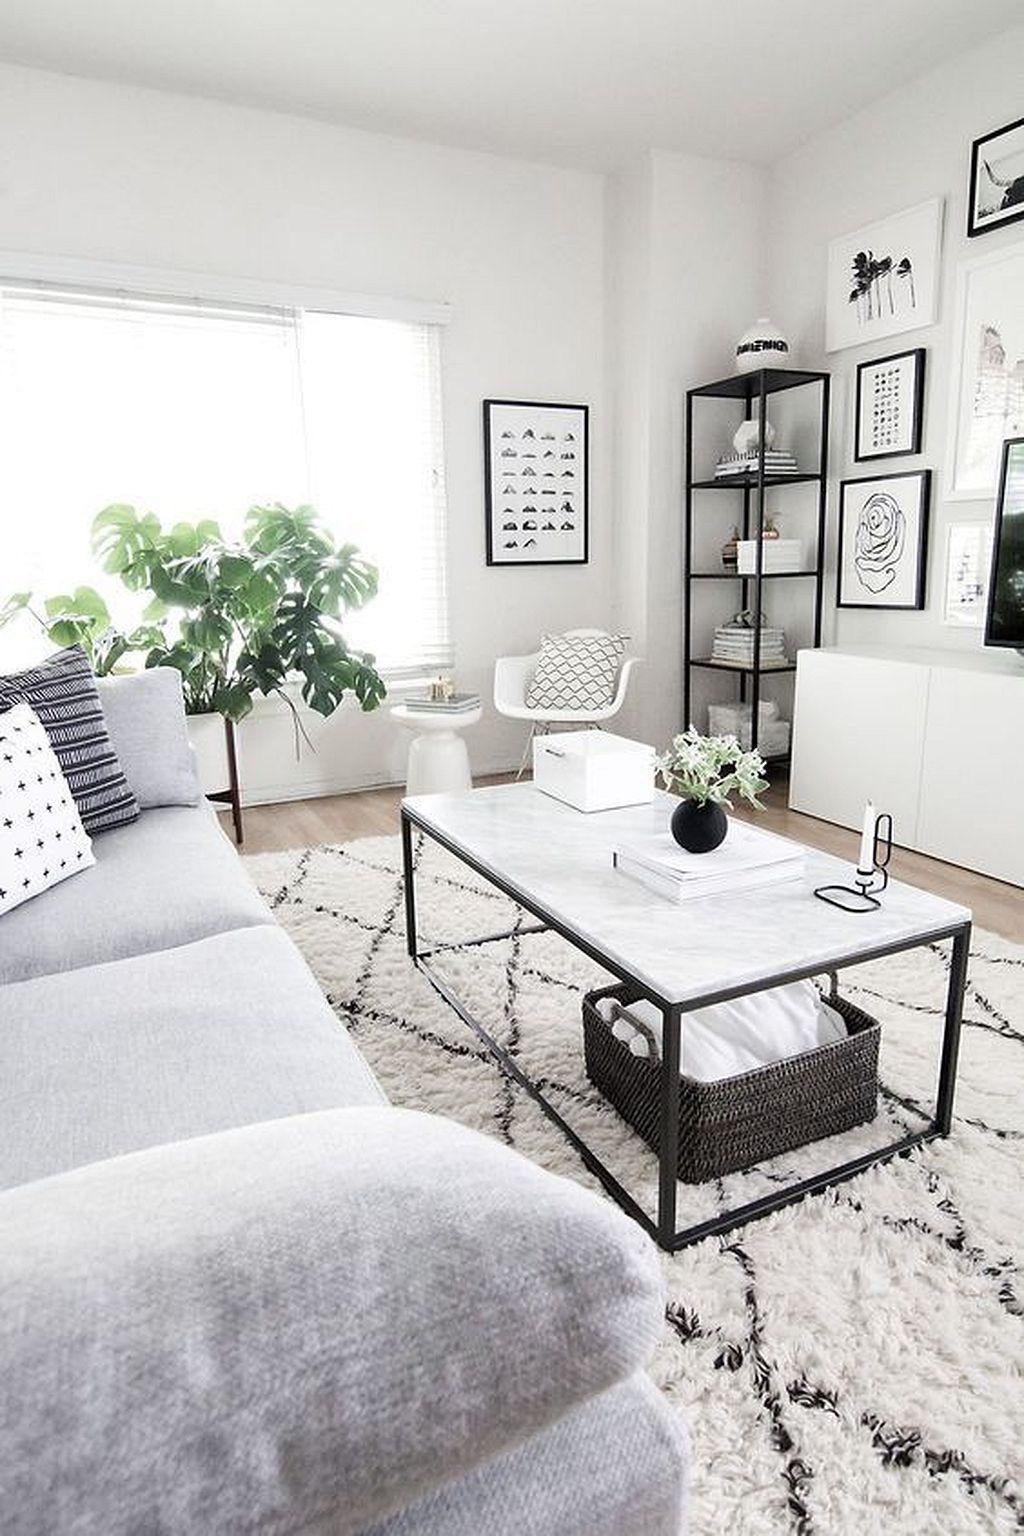 Amazing 30 Amazing Apartment Living Room Decorating Ideas Https